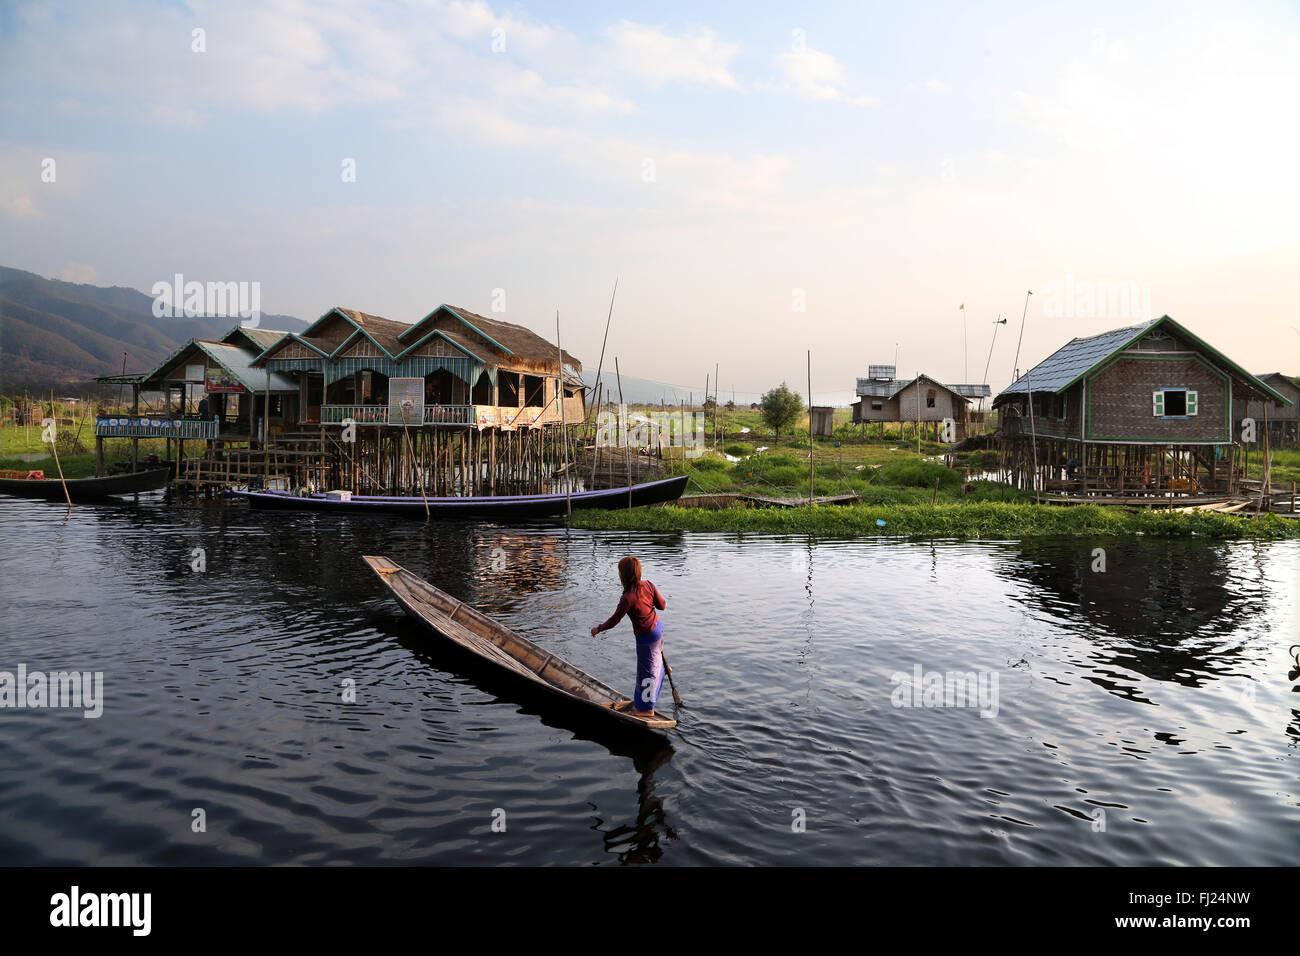 Landscape of Stilt house on Inle lake, Myanmar - Stock Image